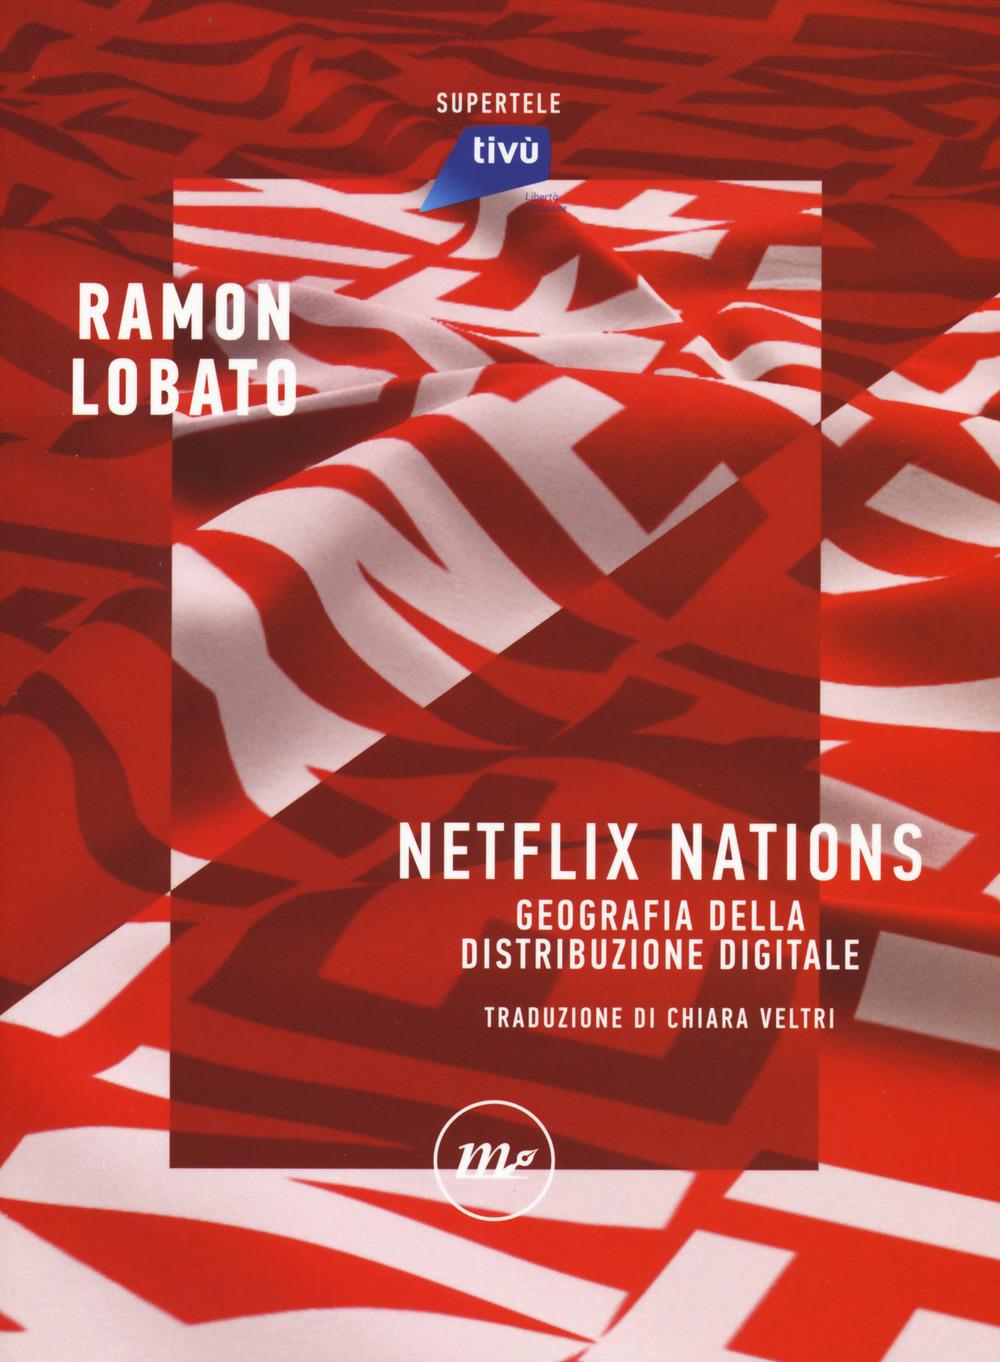 NETFLIX NATIONS. GEOGRAFIA DELLA DISTRIBUZIONE DIGITALE - Lobato Ramon - 9788833891279